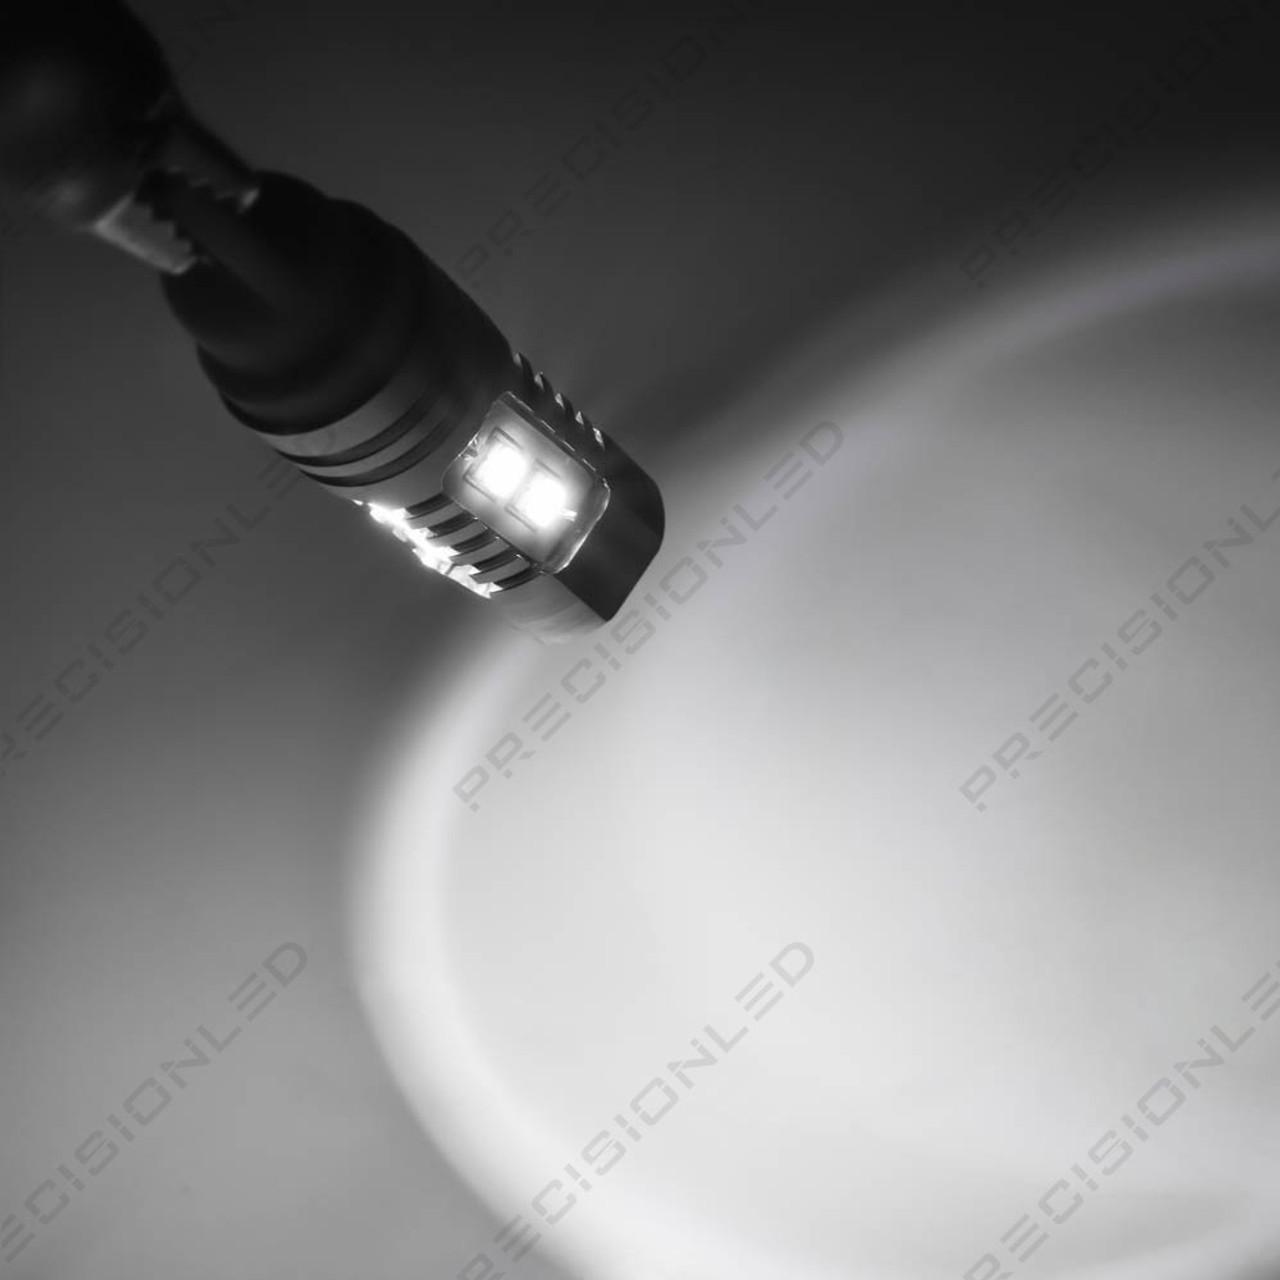 Ford Windstar LED Backup Reverse Lights (1999-2003)